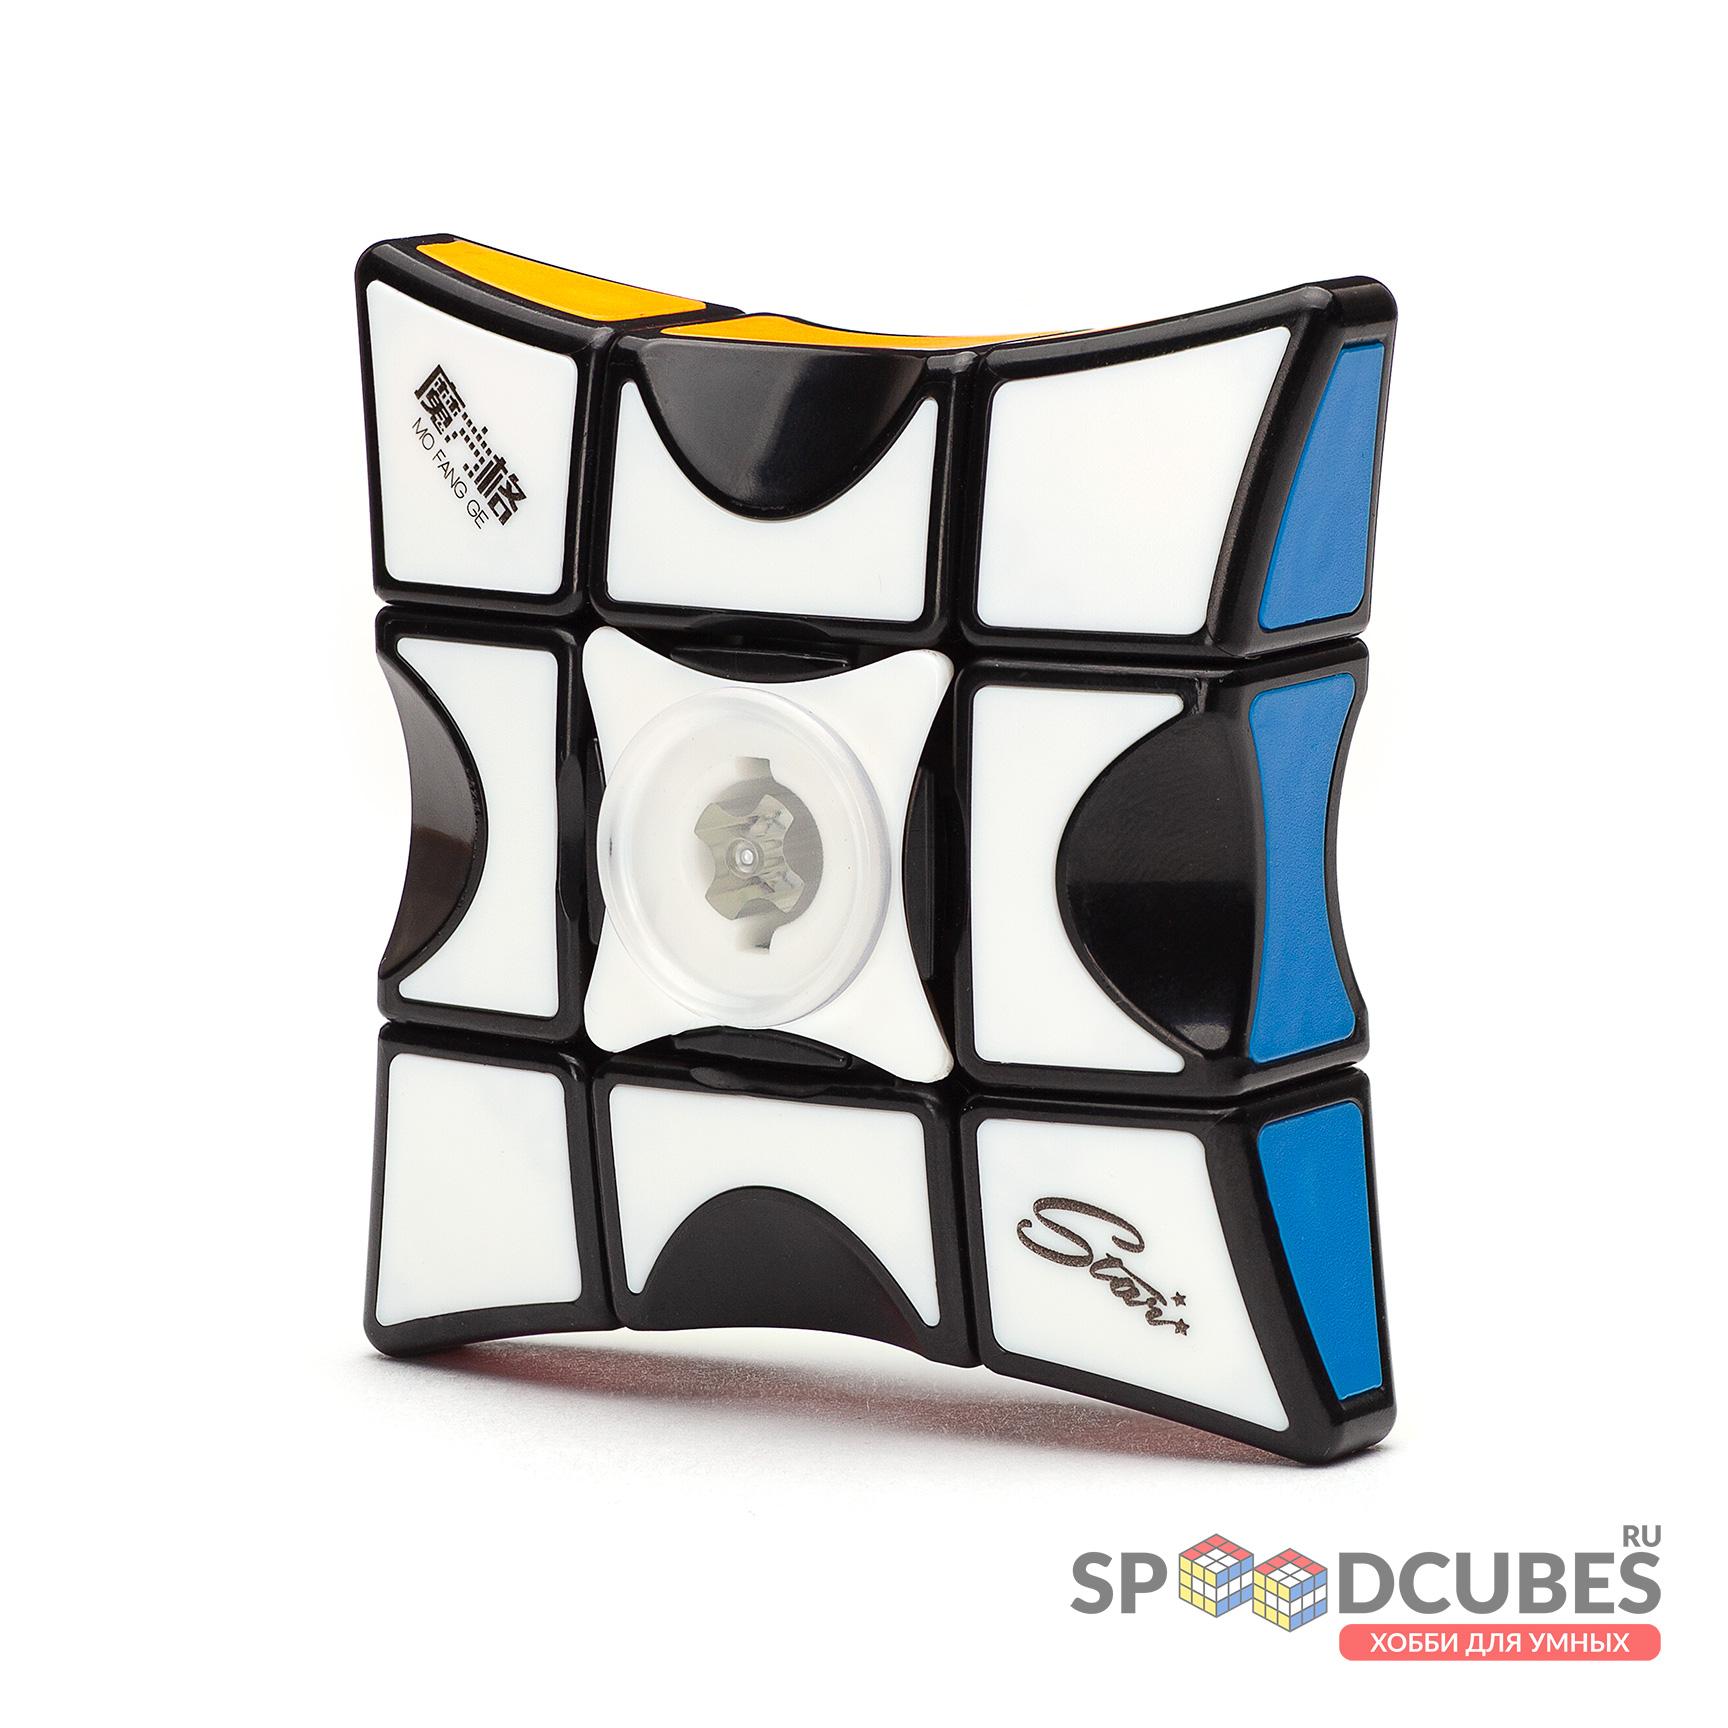 QiYi (MoFangGe) 1x3x3 Fidget Spinner Floppy (tiled)